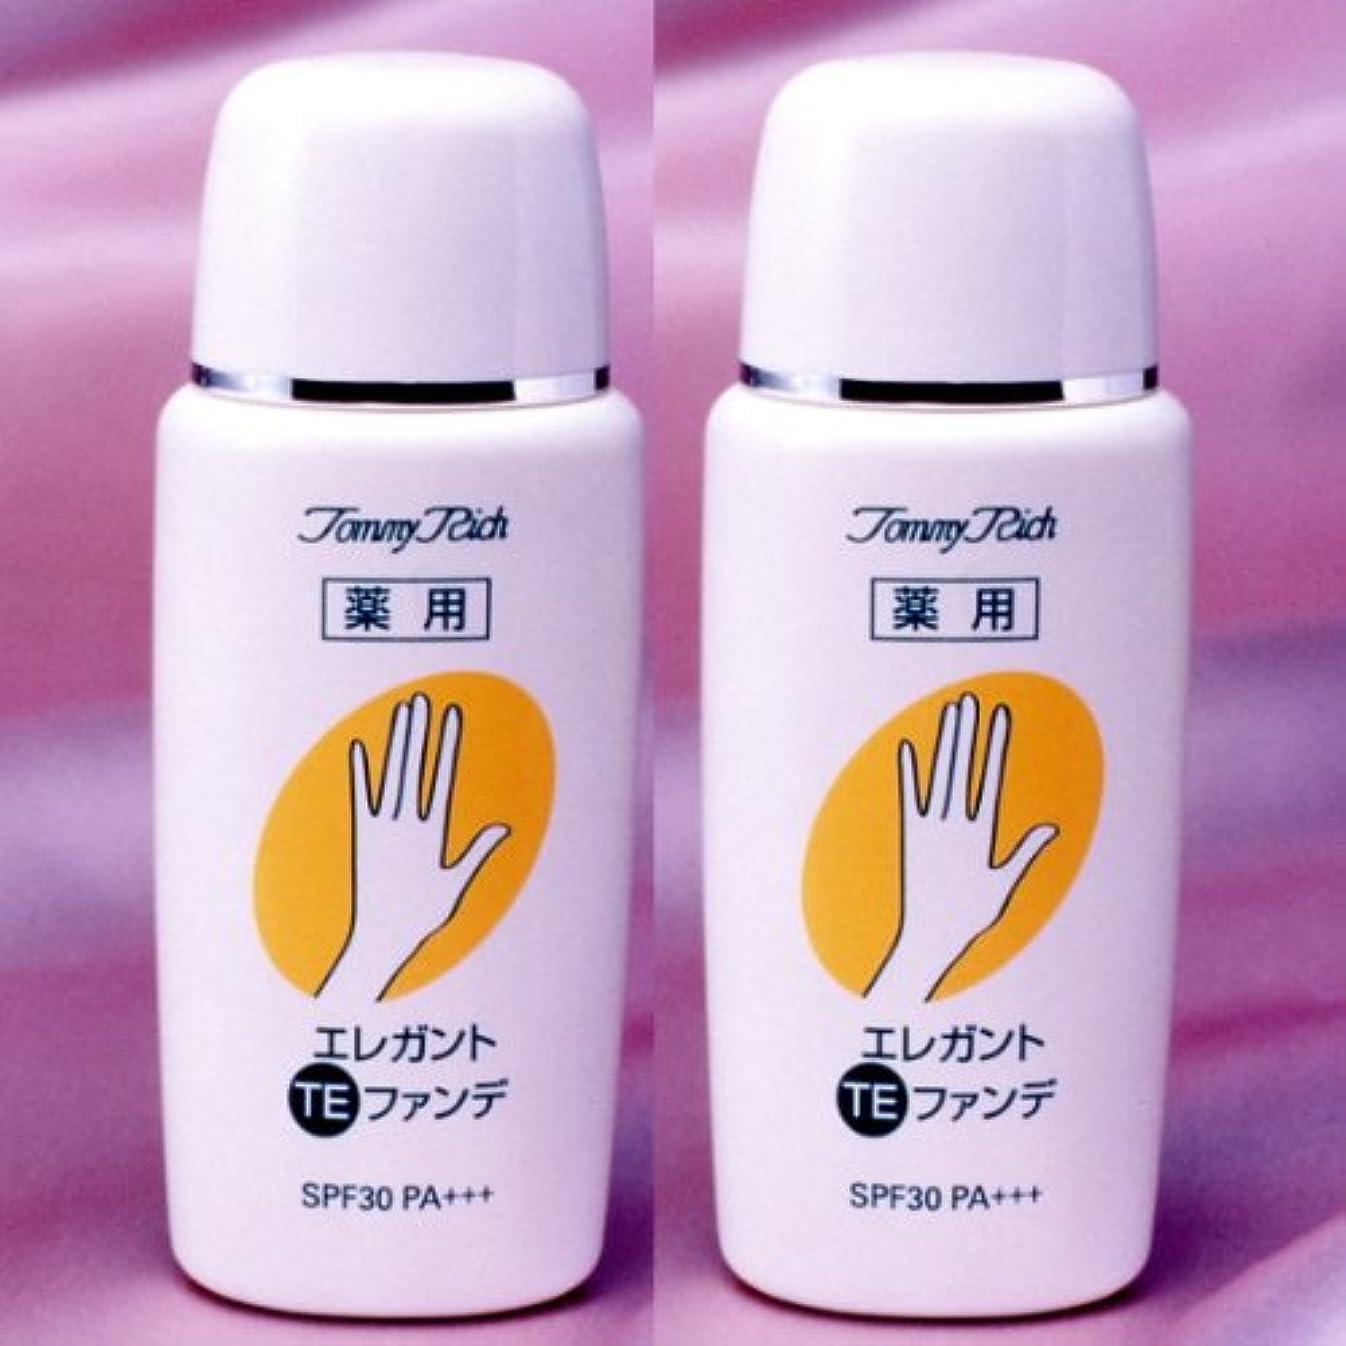 指定する生産性発生器手や腕のシミや老班をカバーして、白く清潔で美しい手になる!! 「薬用エレガントTEファンデ 2個セット」